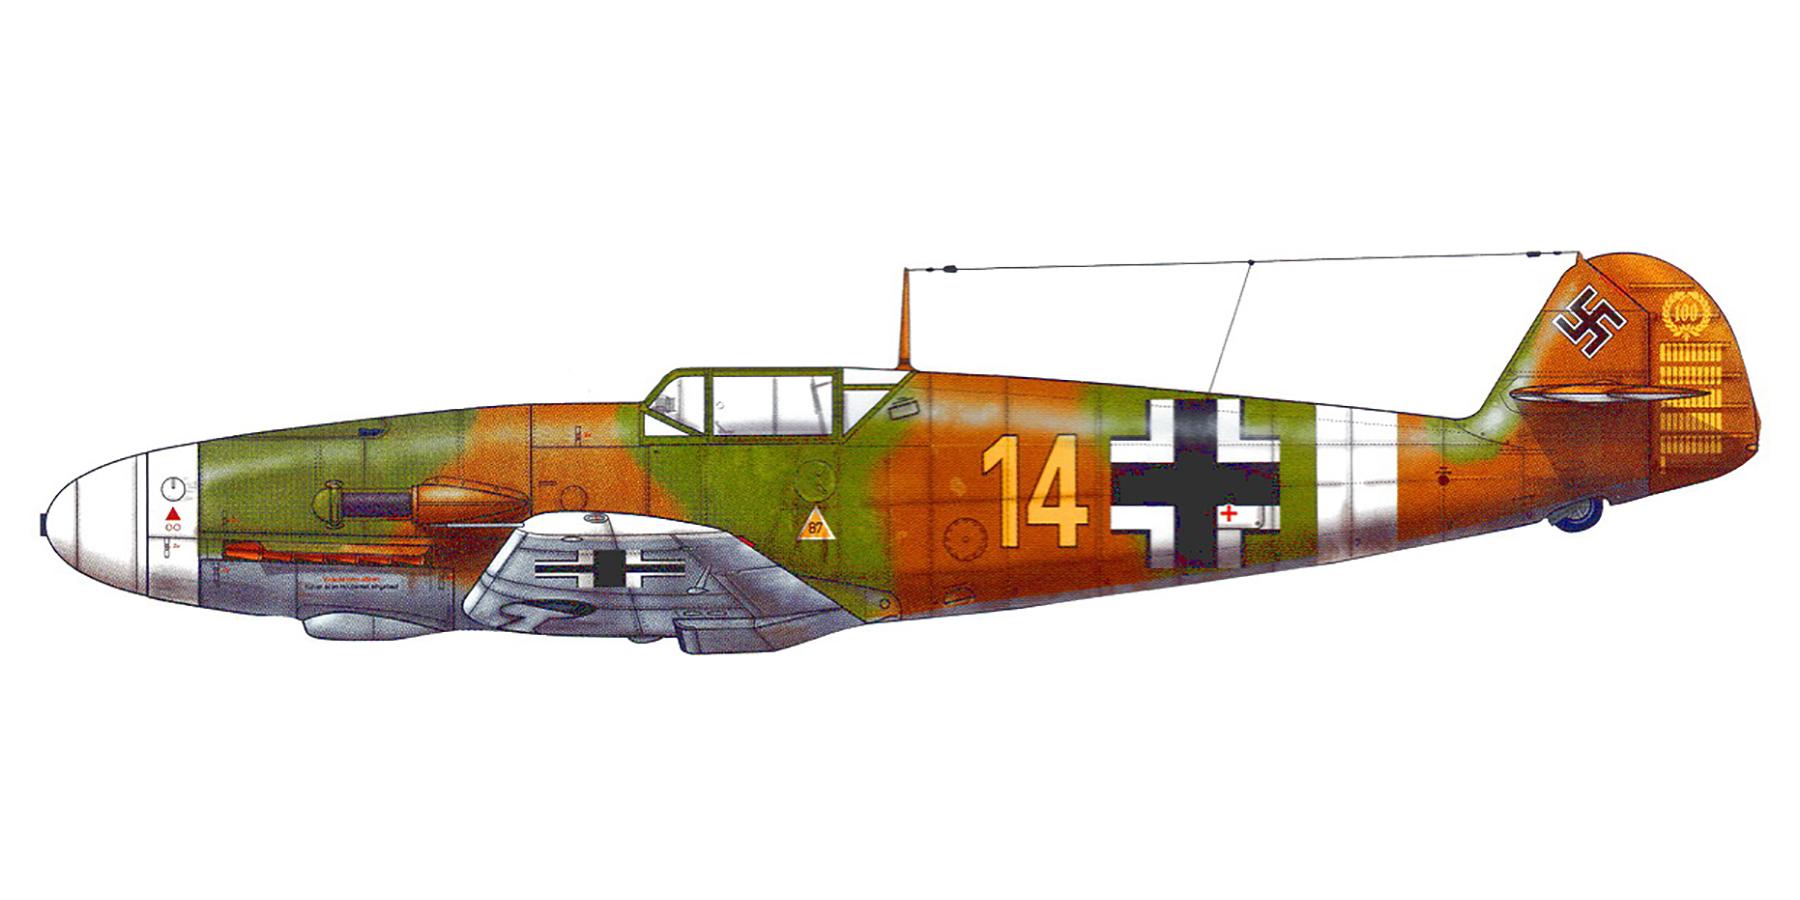 Messerschmitt Bf 109G2 3.JG27 Yellow 14 Hans Joachim Marseille Martuba Sep 1942 0A